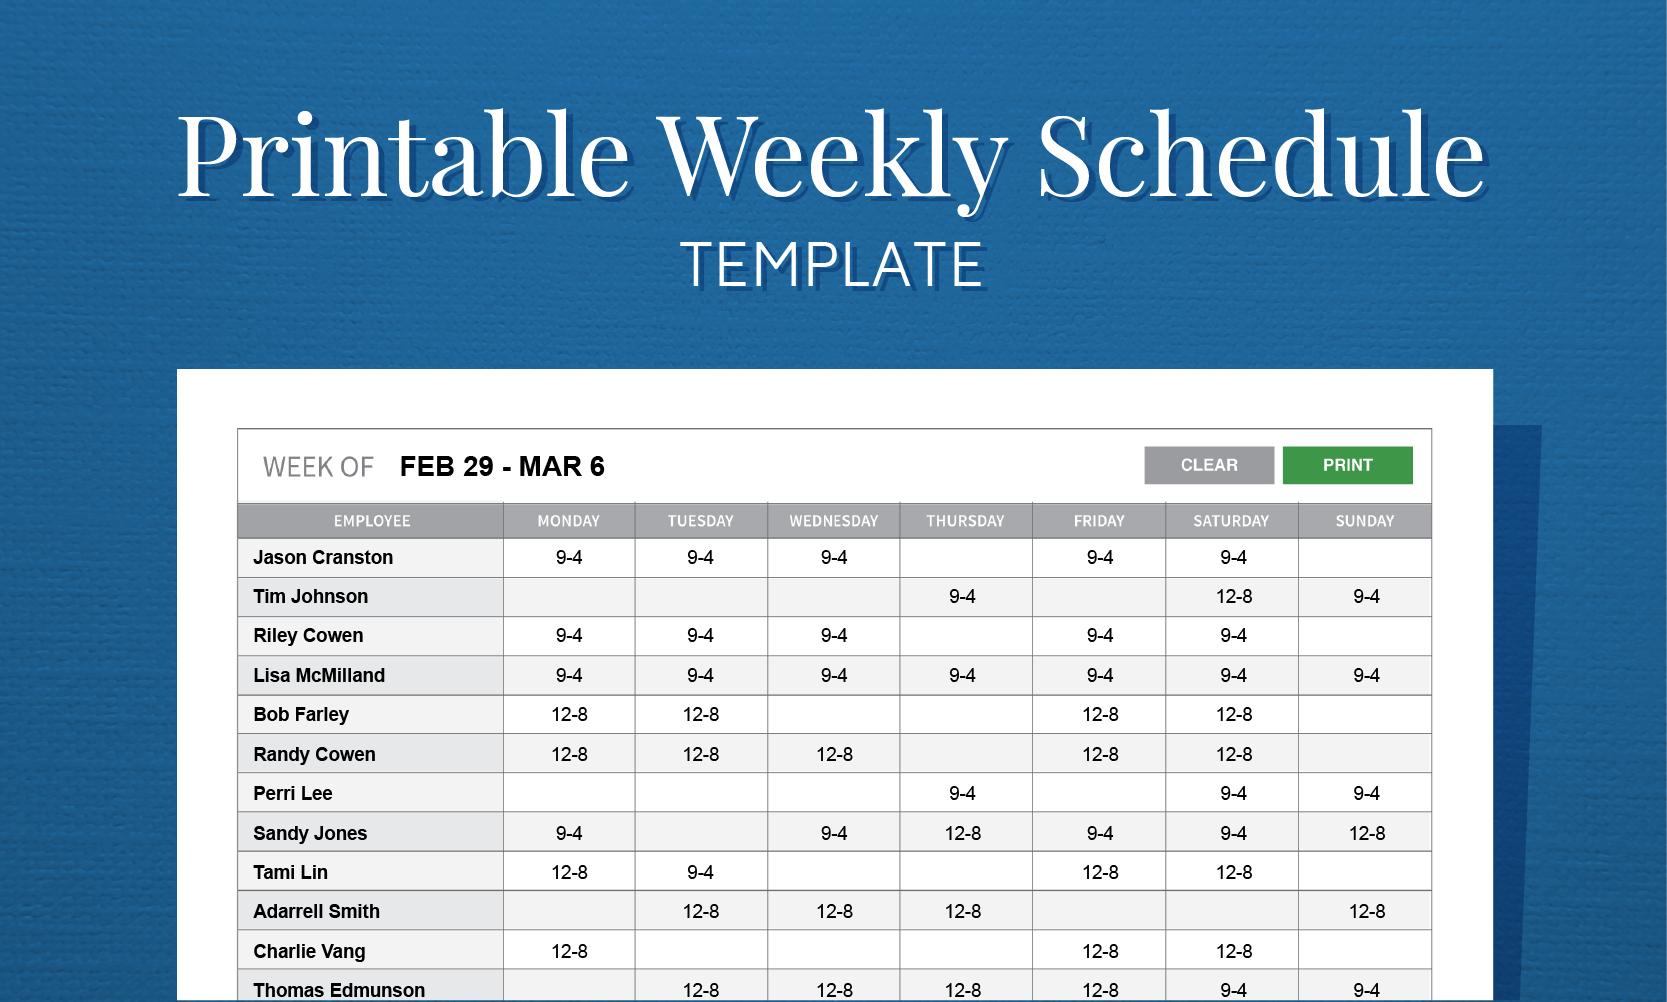 Free Printable Weekly Work Schedule Template For Employee Scheduling - Free Printable Work Schedule Maker